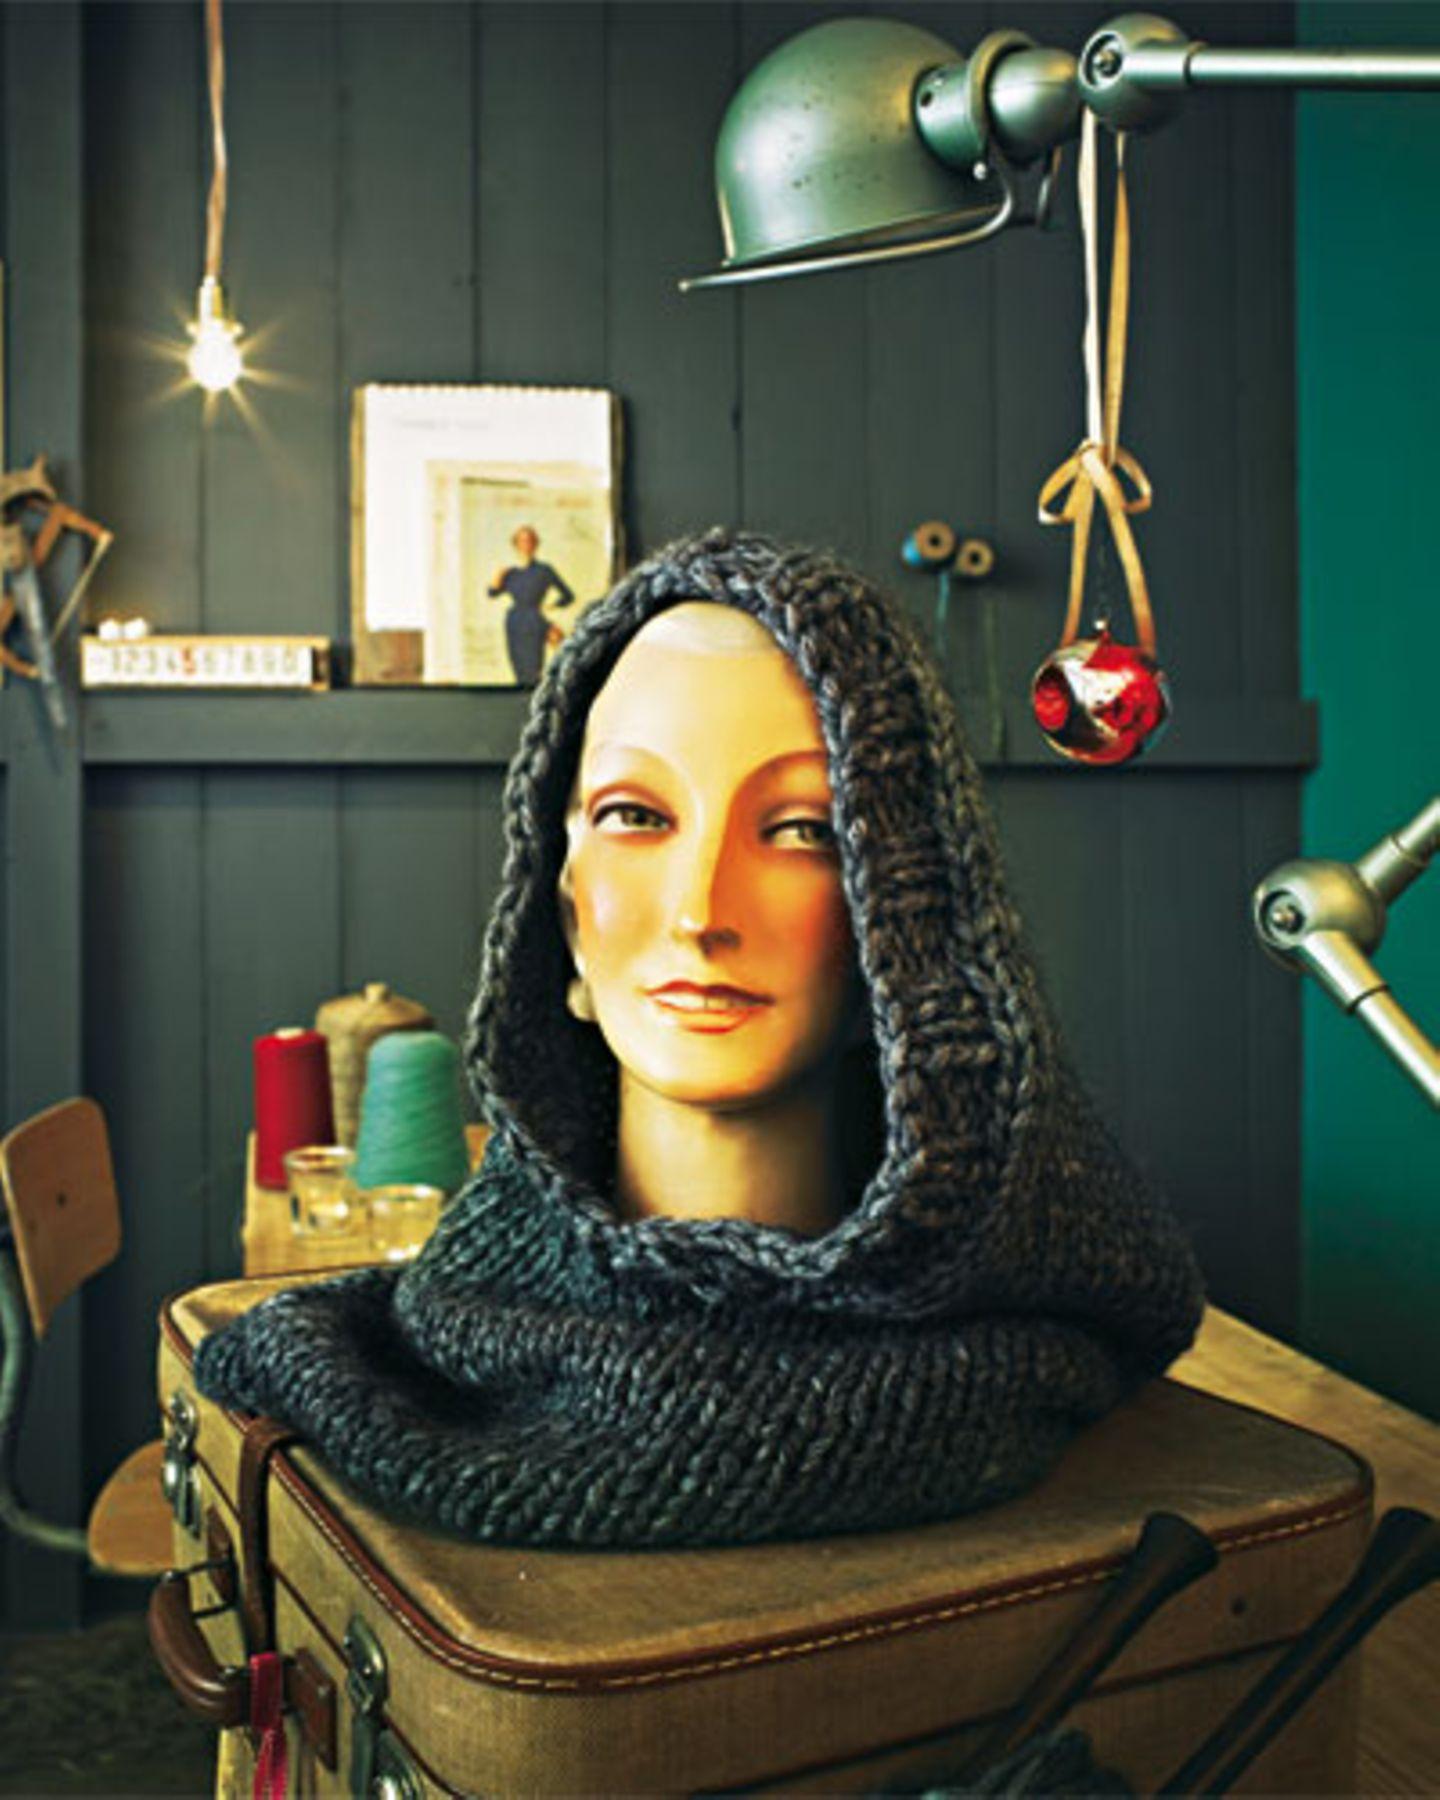 Flauschig an Kopf und Hals: Den grob gestrickten Schlauchschal mit Kapuze stricken wir uns für einen wohlig-warmen Winter. An die Nadeln und los! Zur Anleitung Schlauchschal mit Kapuze stricken.